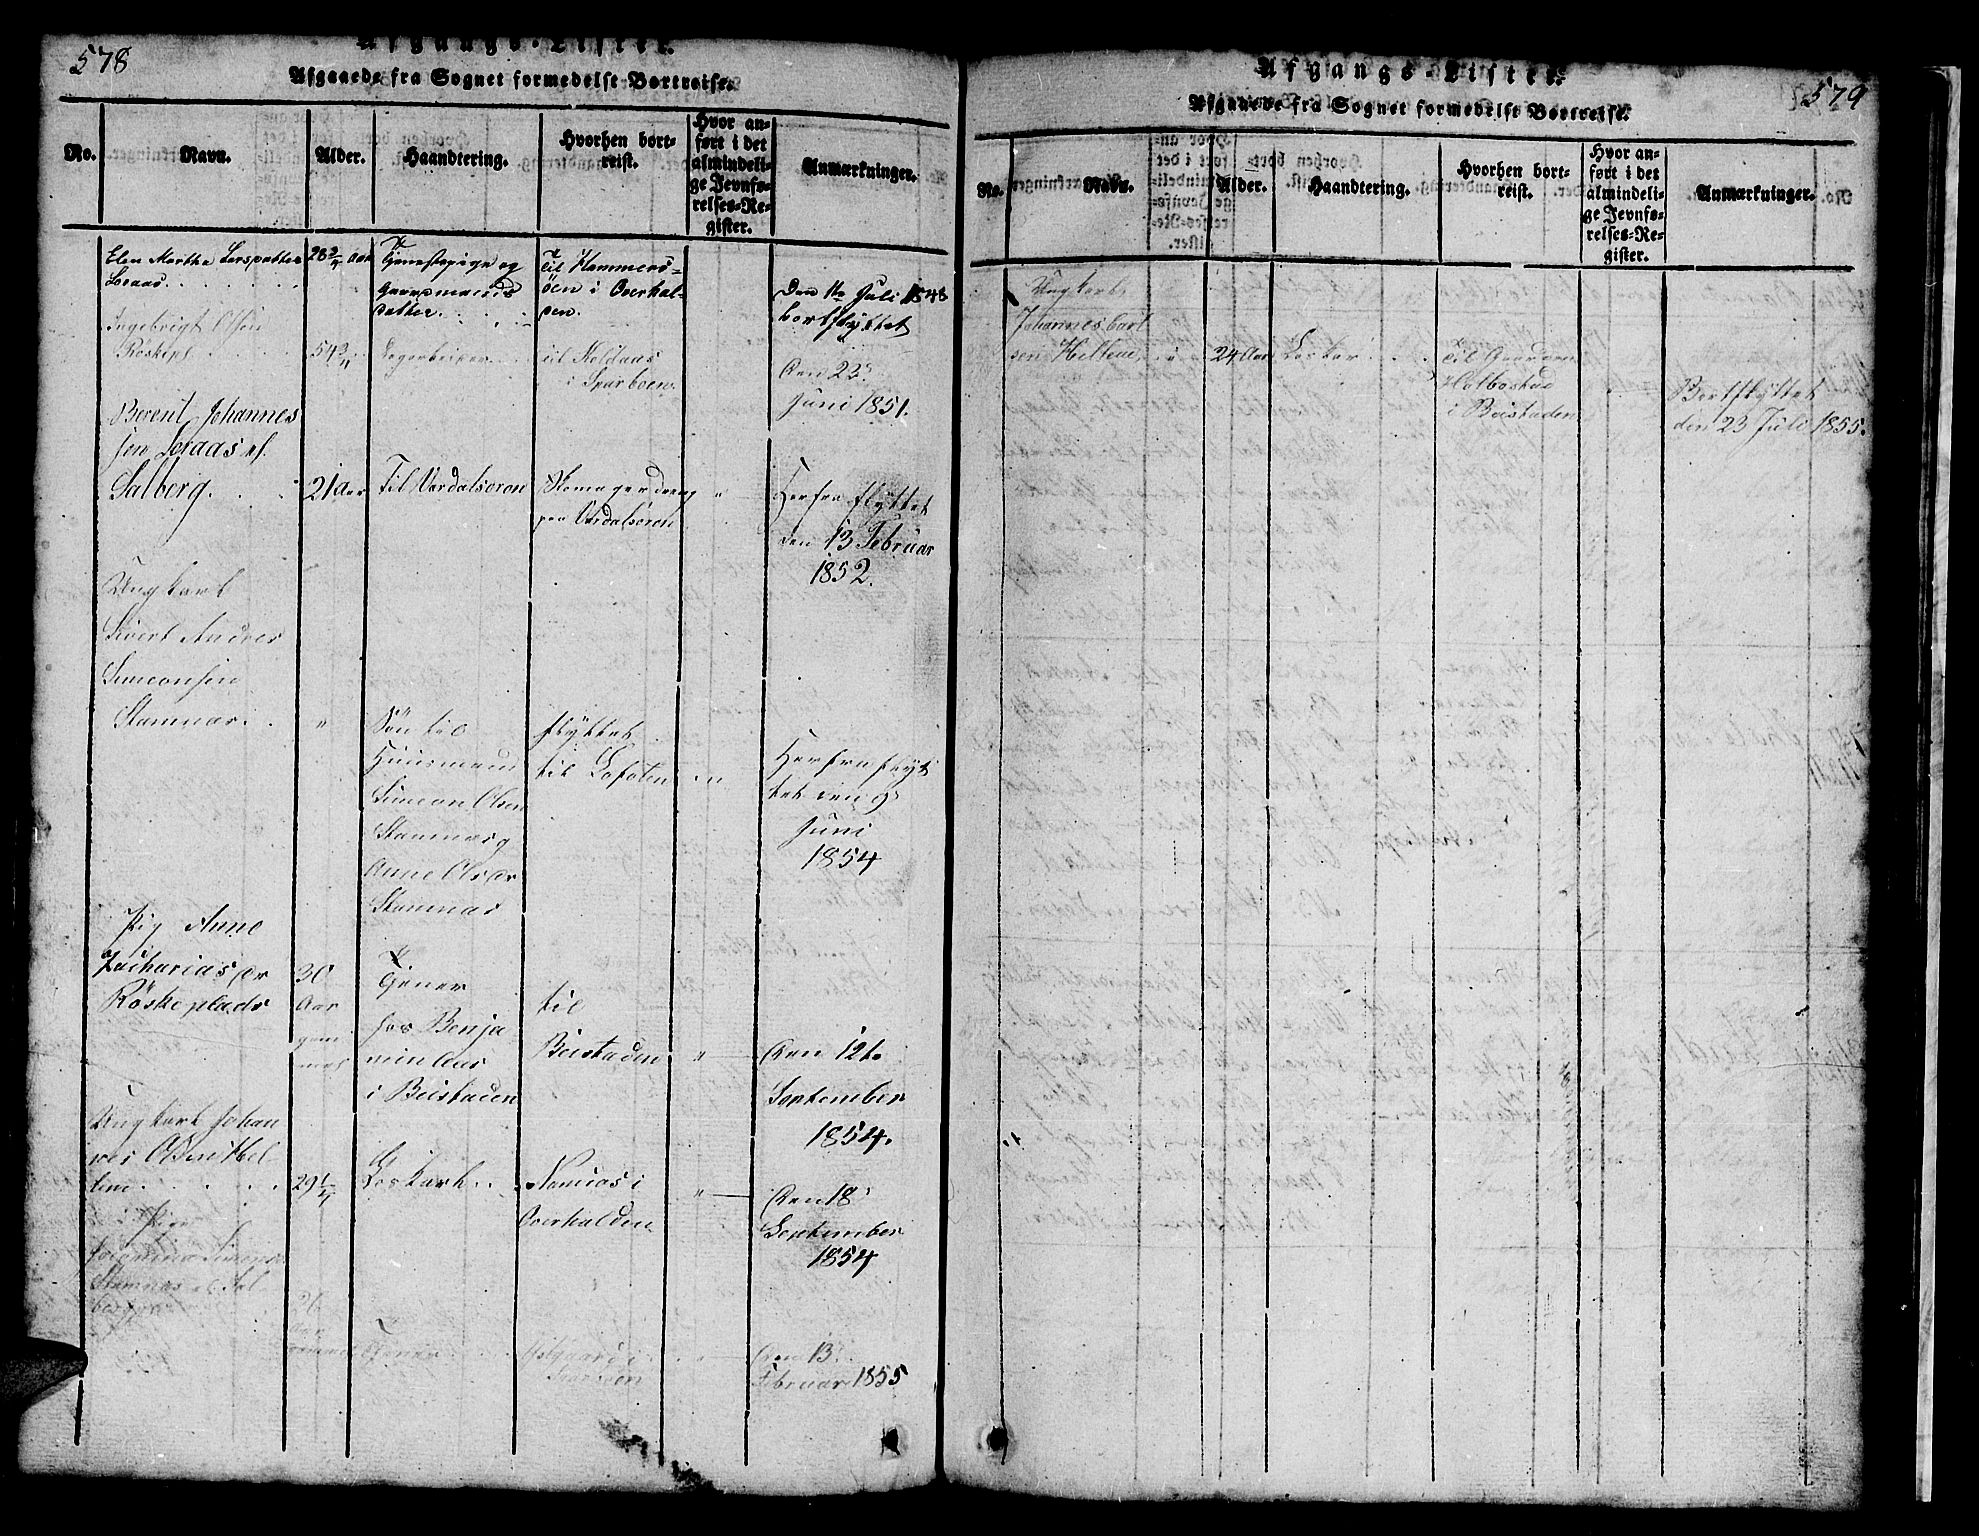 SAT, Ministerialprotokoller, klokkerbøker og fødselsregistre - Nord-Trøndelag, 731/L0310: Klokkerbok nr. 731C01, 1816-1874, s. 578-579